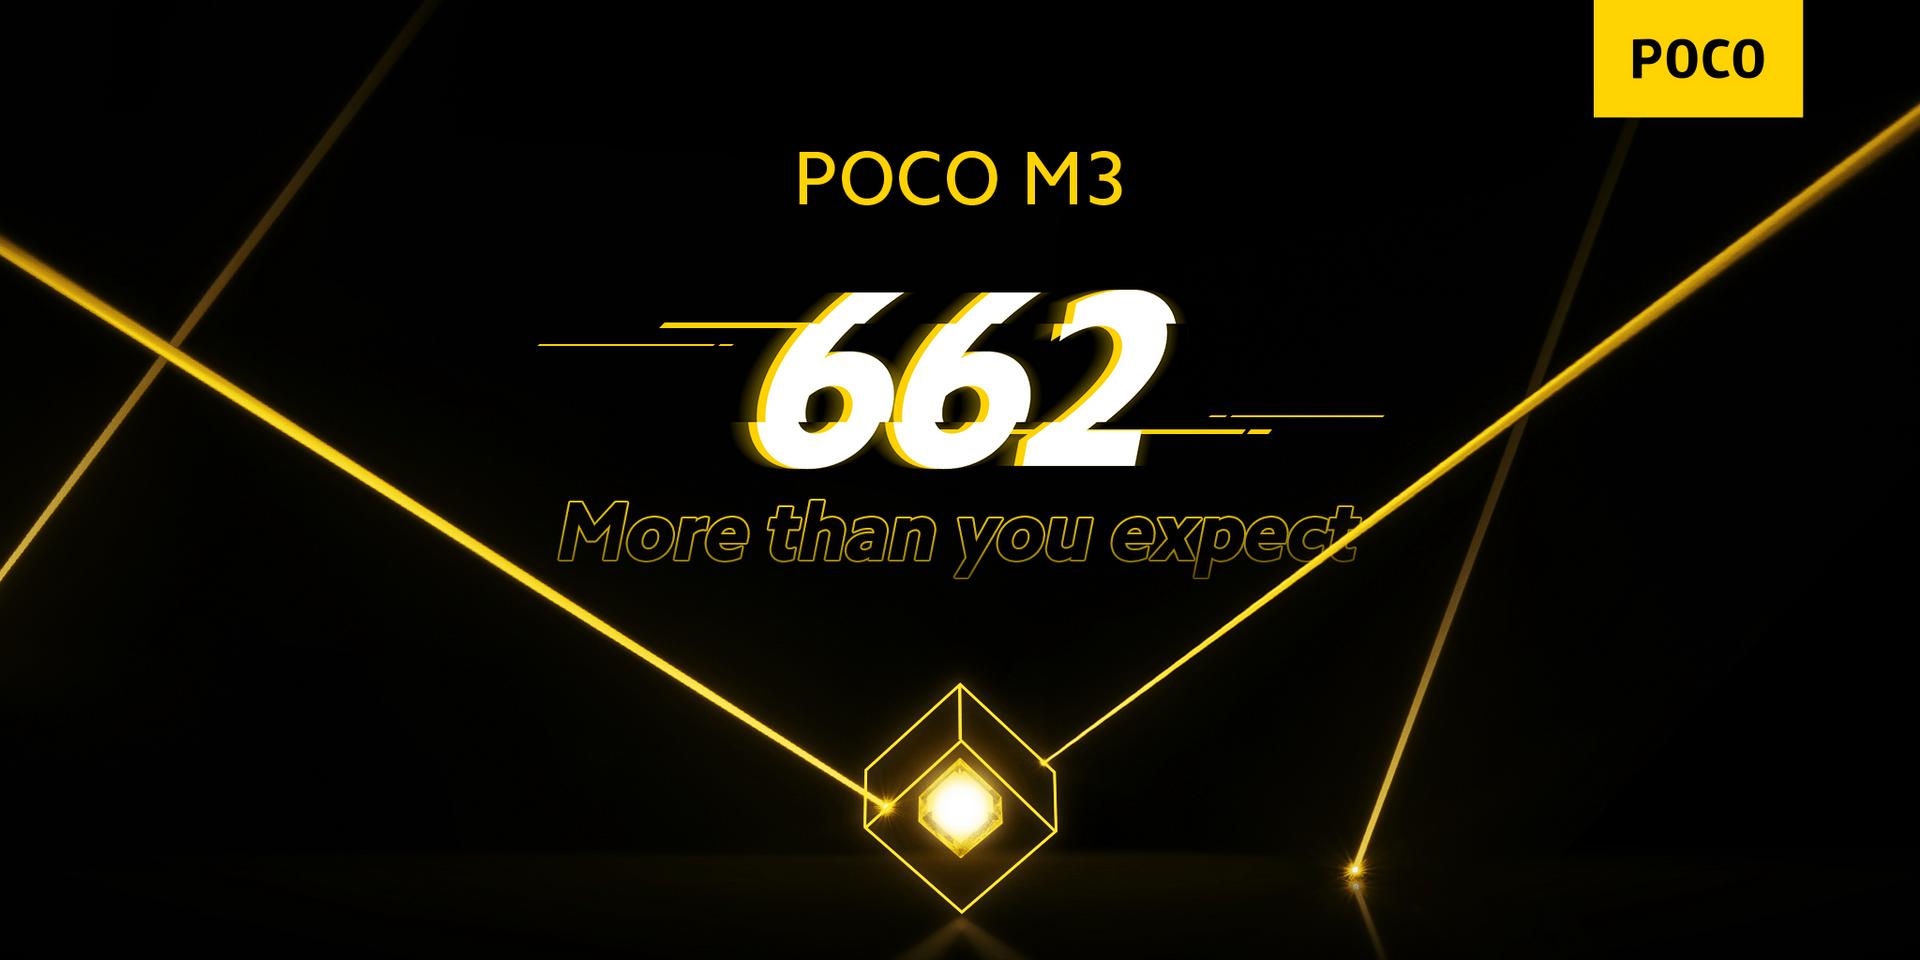 Das Poco M3 basiert auf einem Snapdragon 662 von Qualcomm